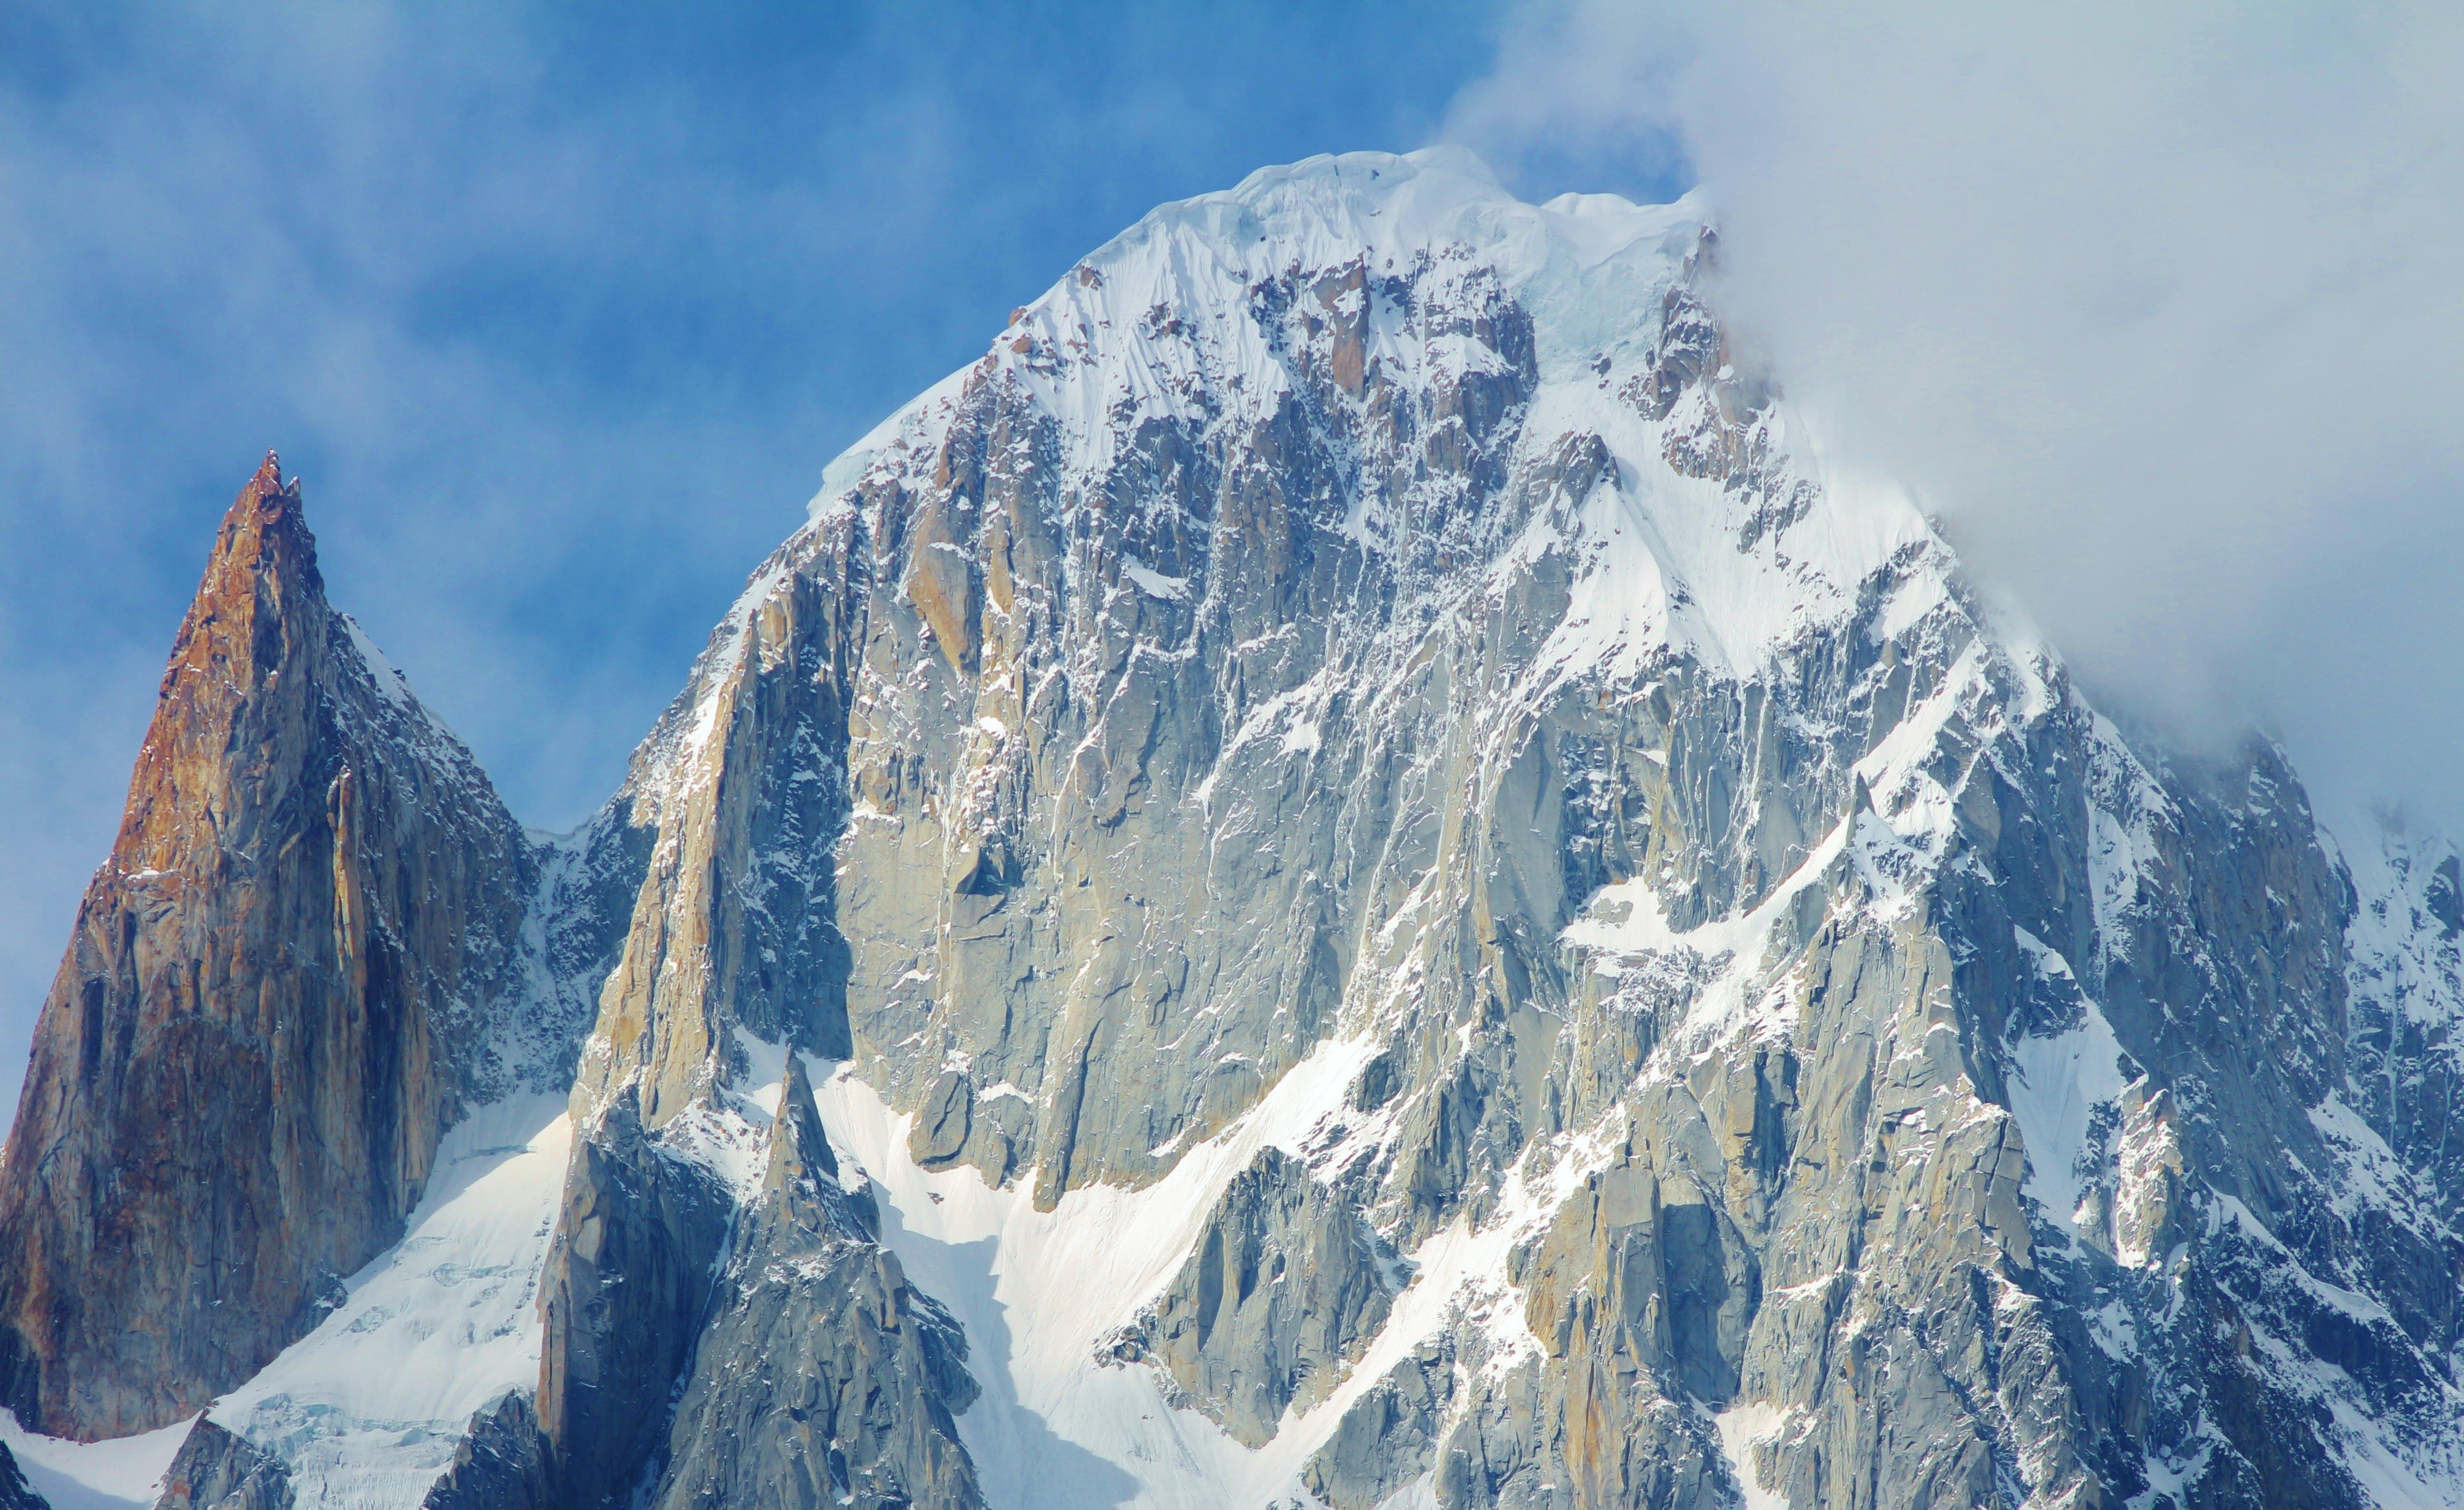 Gratis stockfoto met altitude, attractie, bergen, bergketen